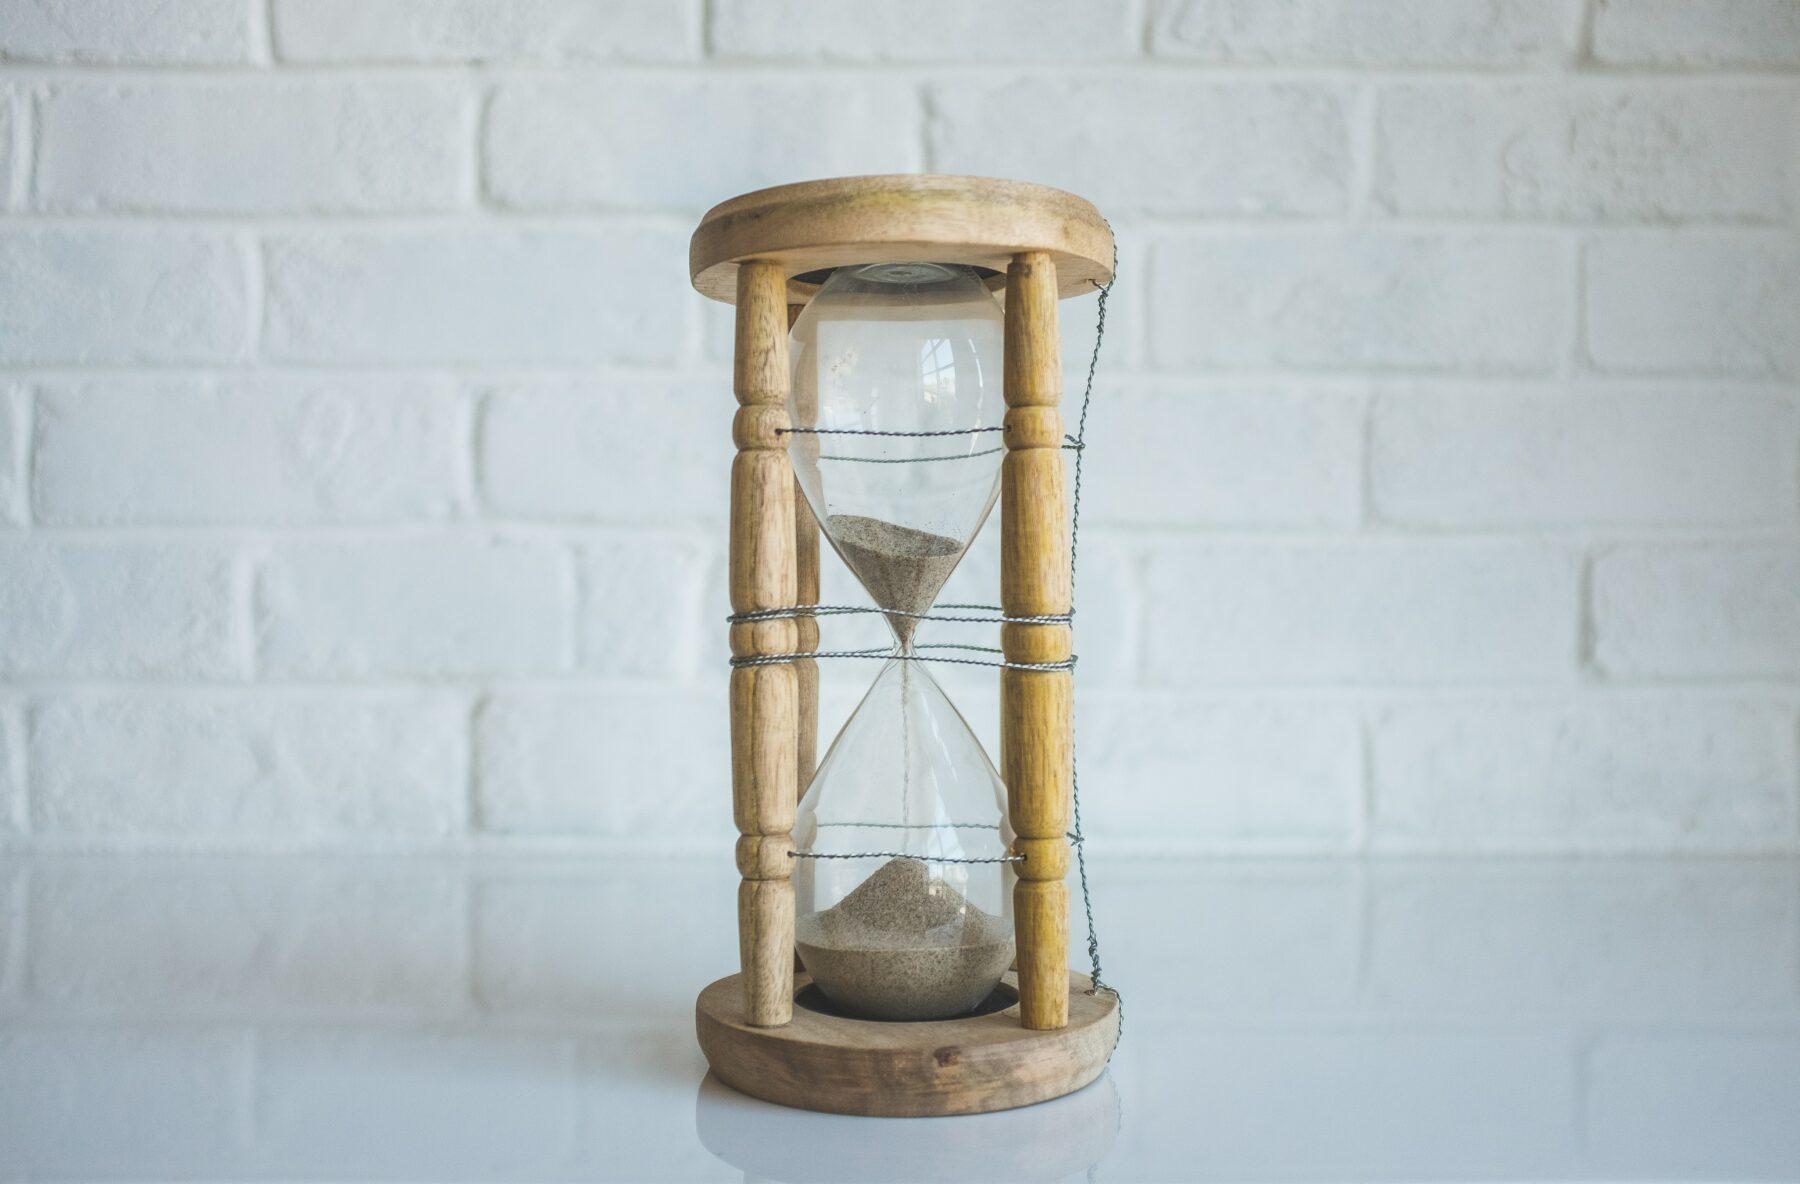 czas-przecieka-miedzy-palcami